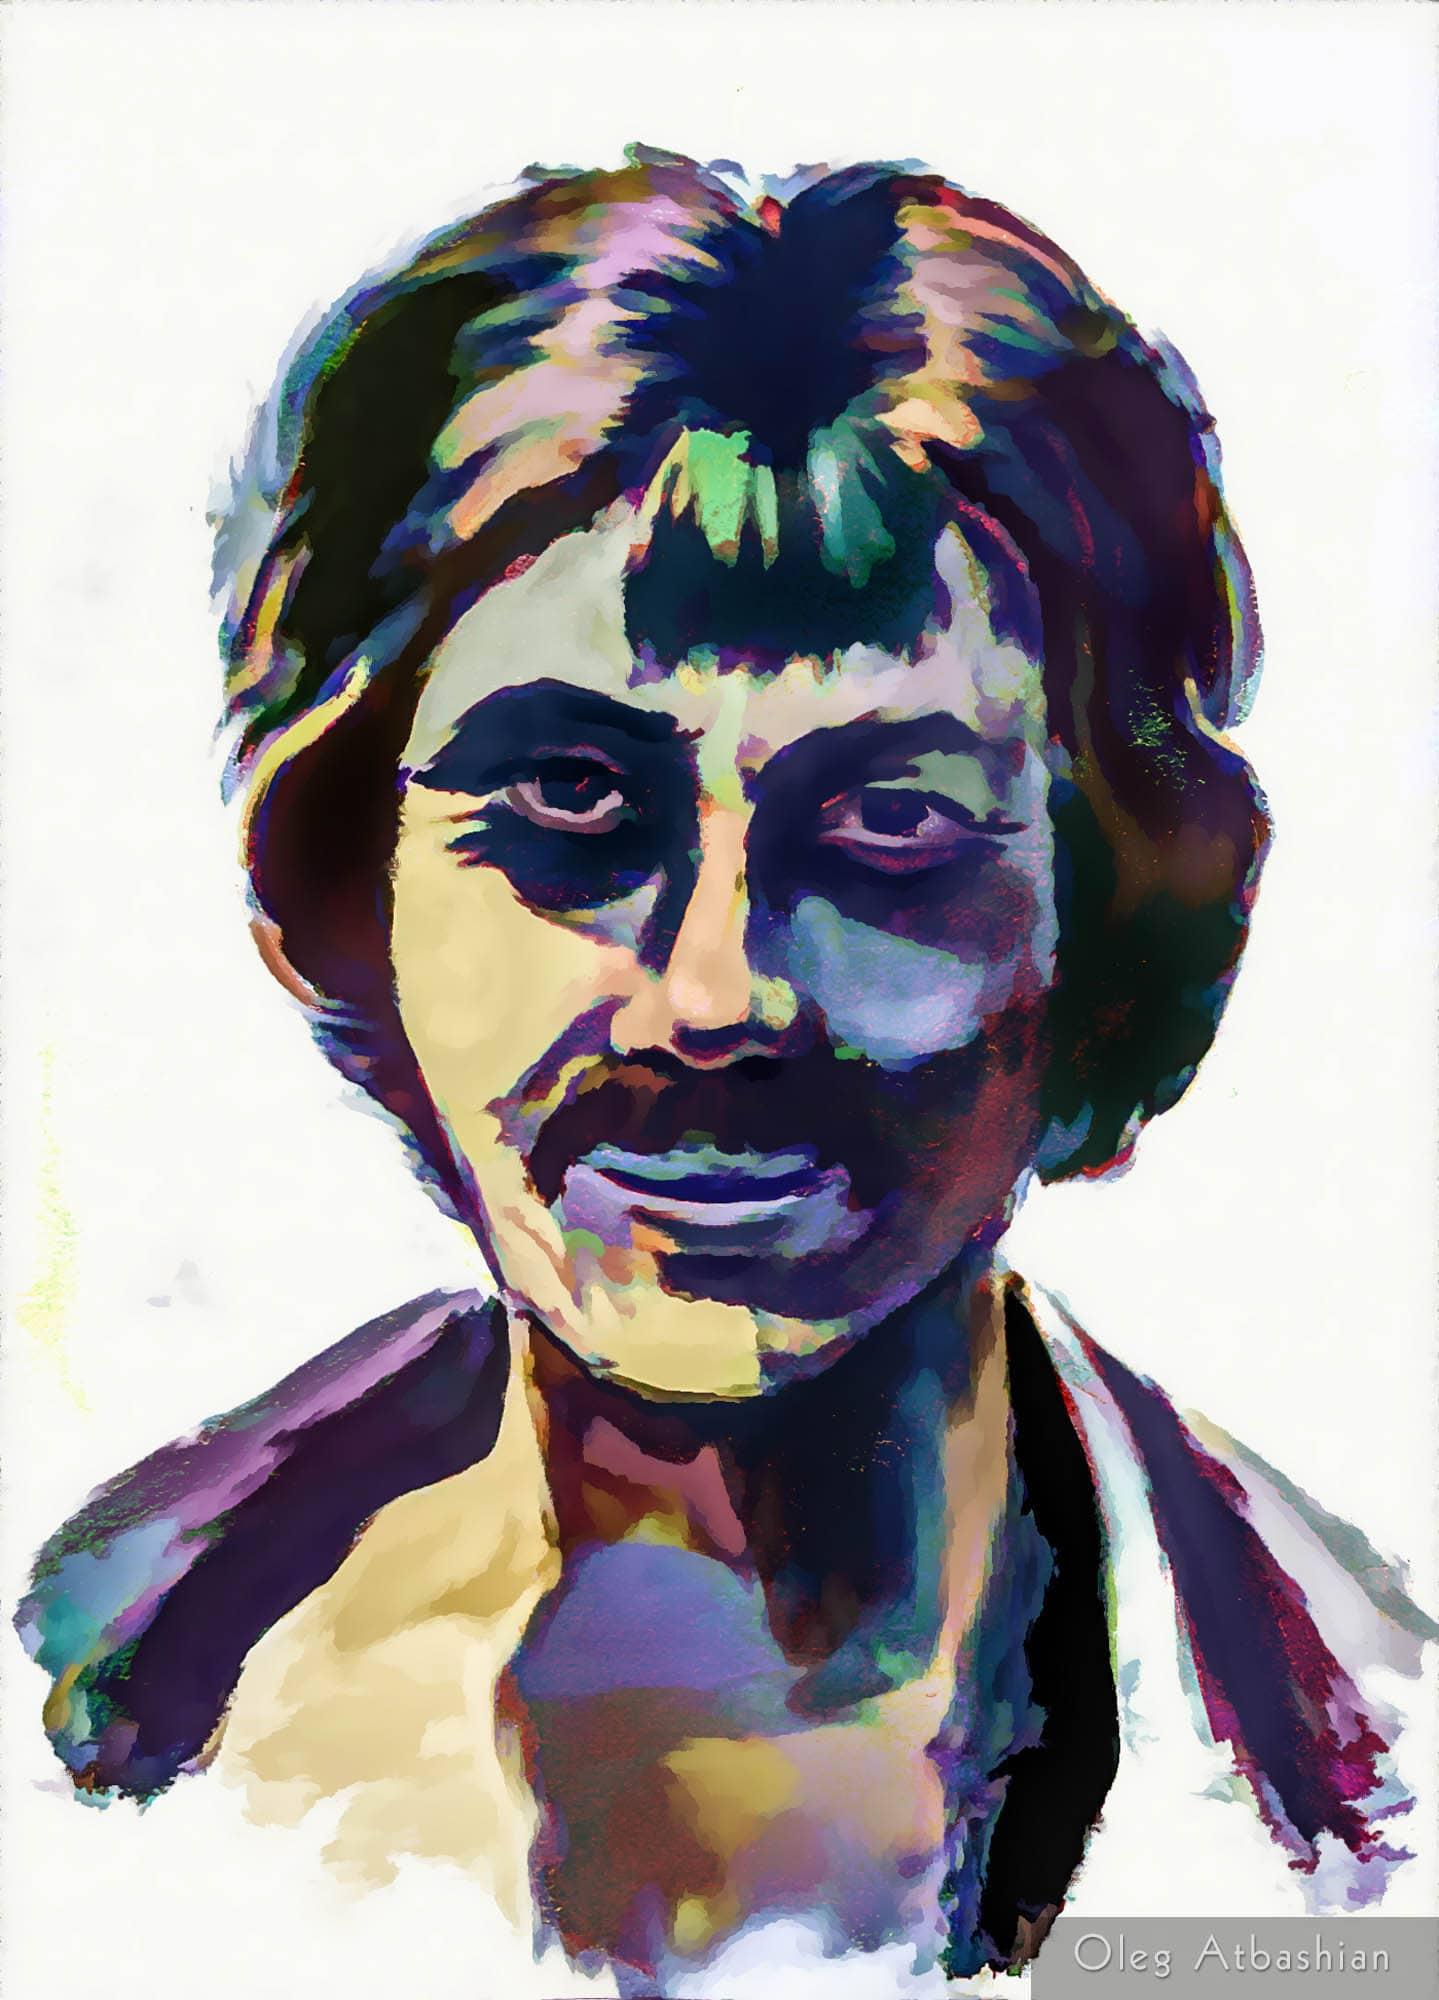 Mustachio Man